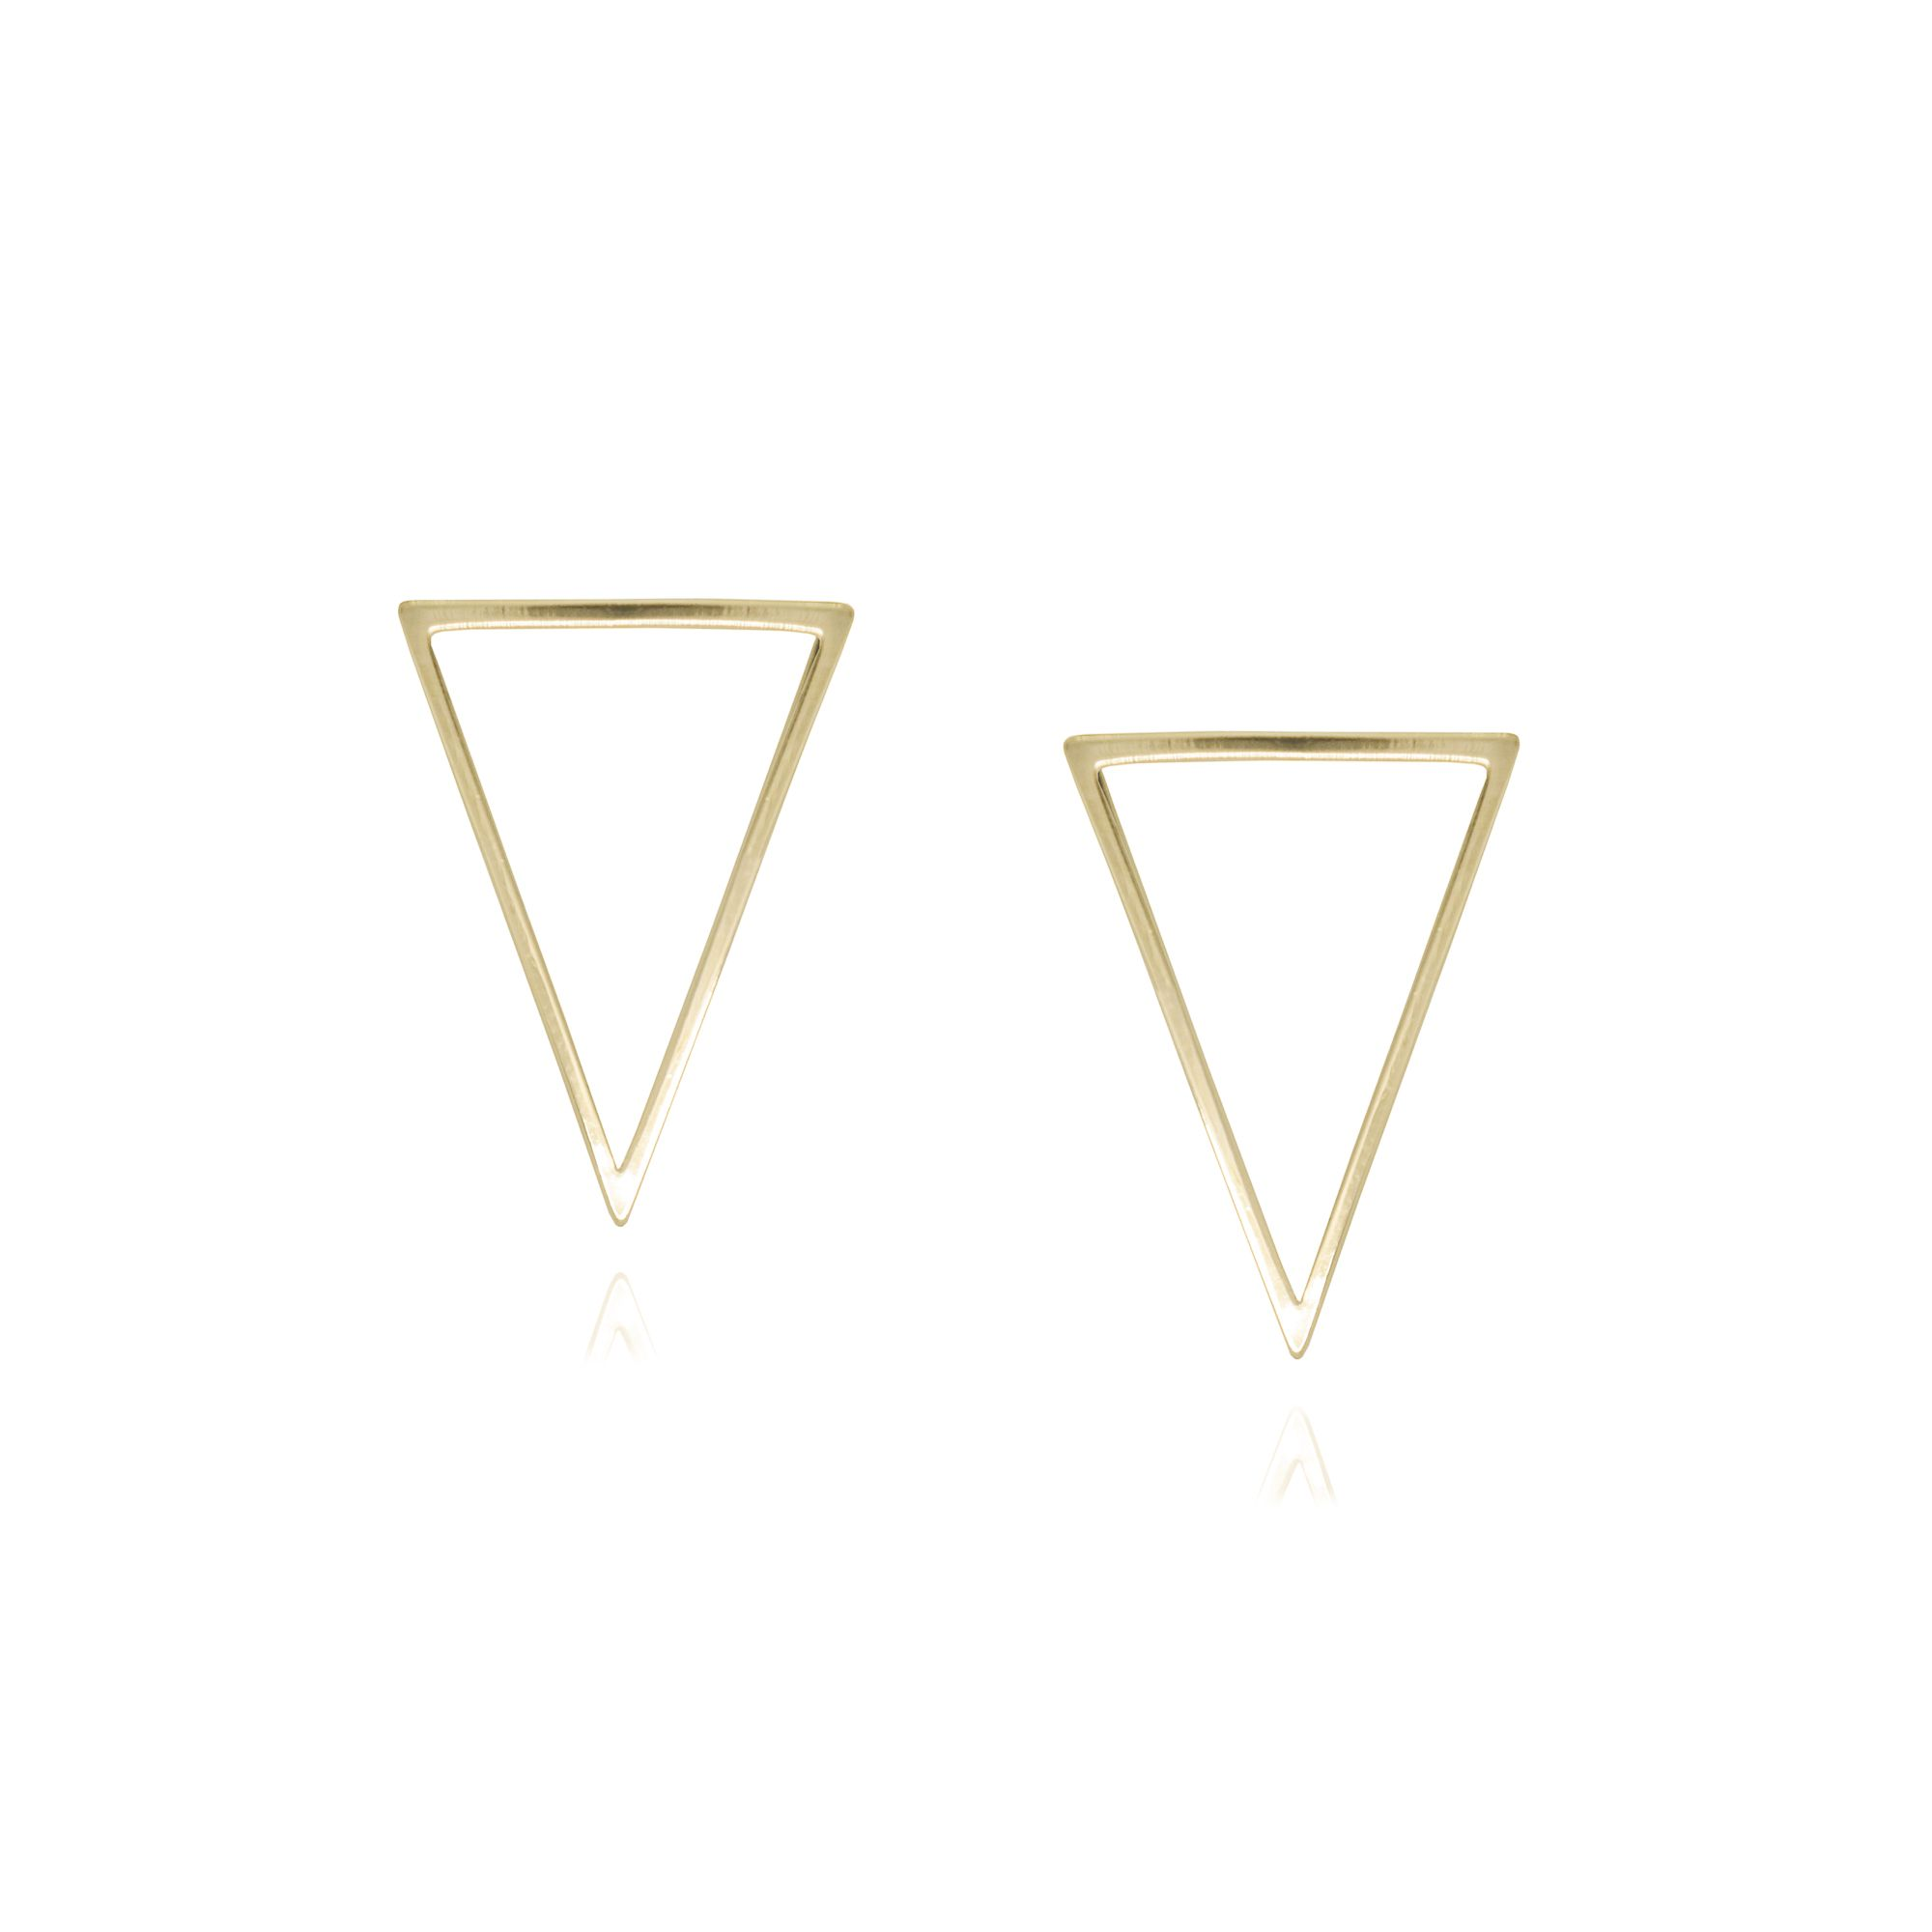 Brinco folheada semijoia Triângulo vazado P estilo minimalista